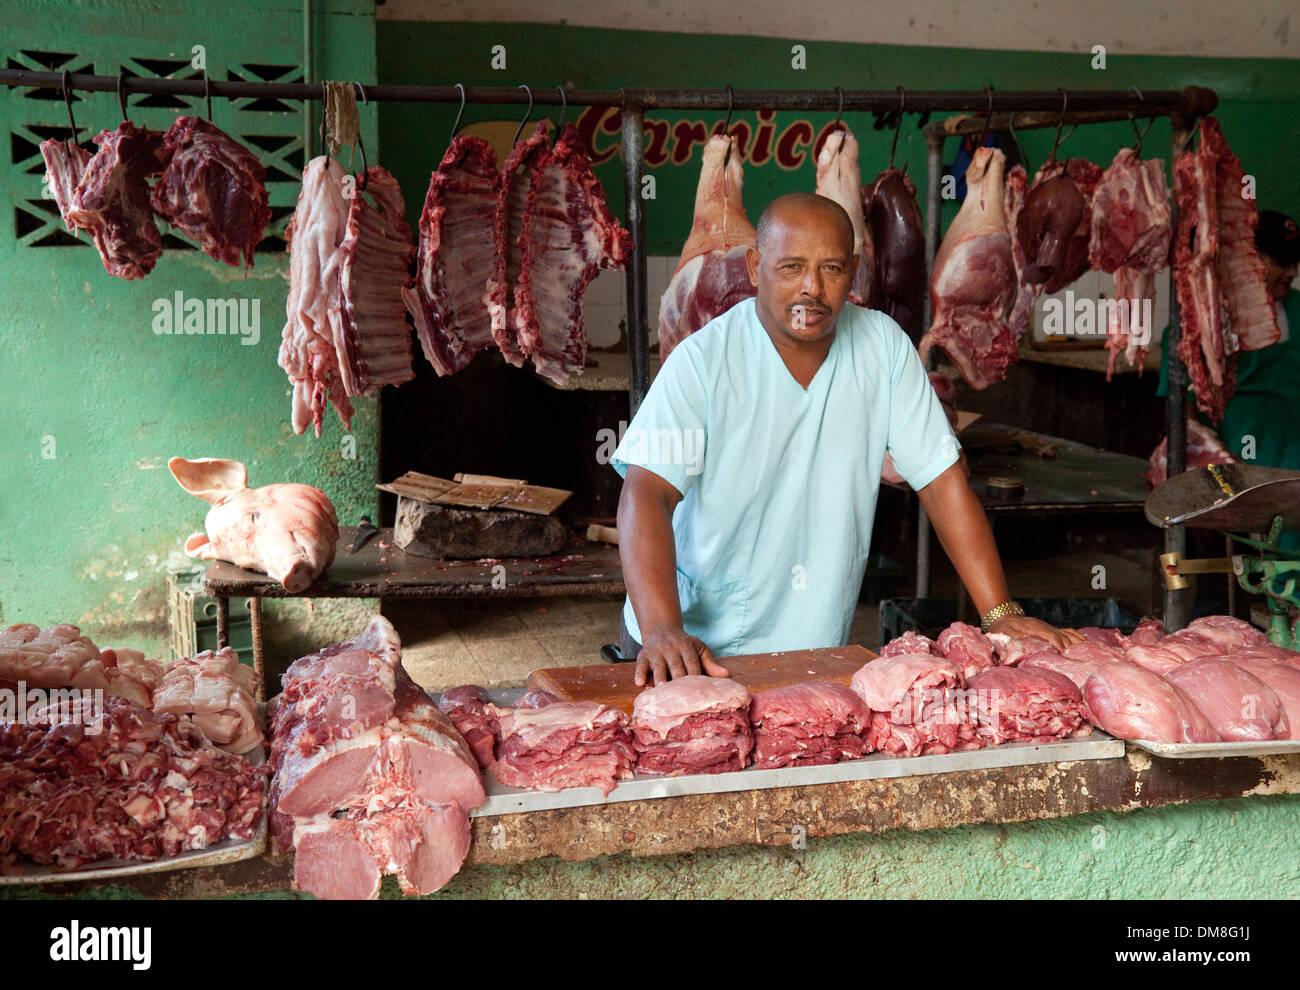 Una macelleria con il suo stallo di carne, Cienfuegos il mercato coperto, Cuba, Caraibi, America Latina Immagini Stock